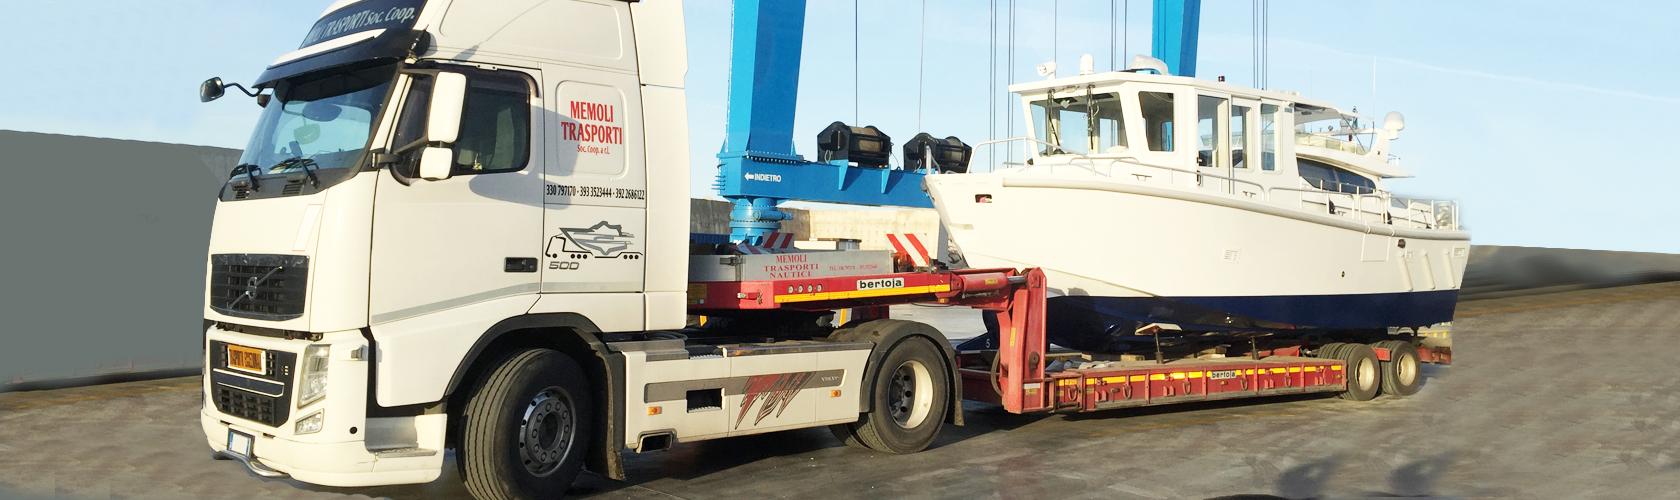 Memoli Trasporti Salerno. I migliori servizi per il trasporto con qualsiasi tipologia di carico, di misura e di peso.